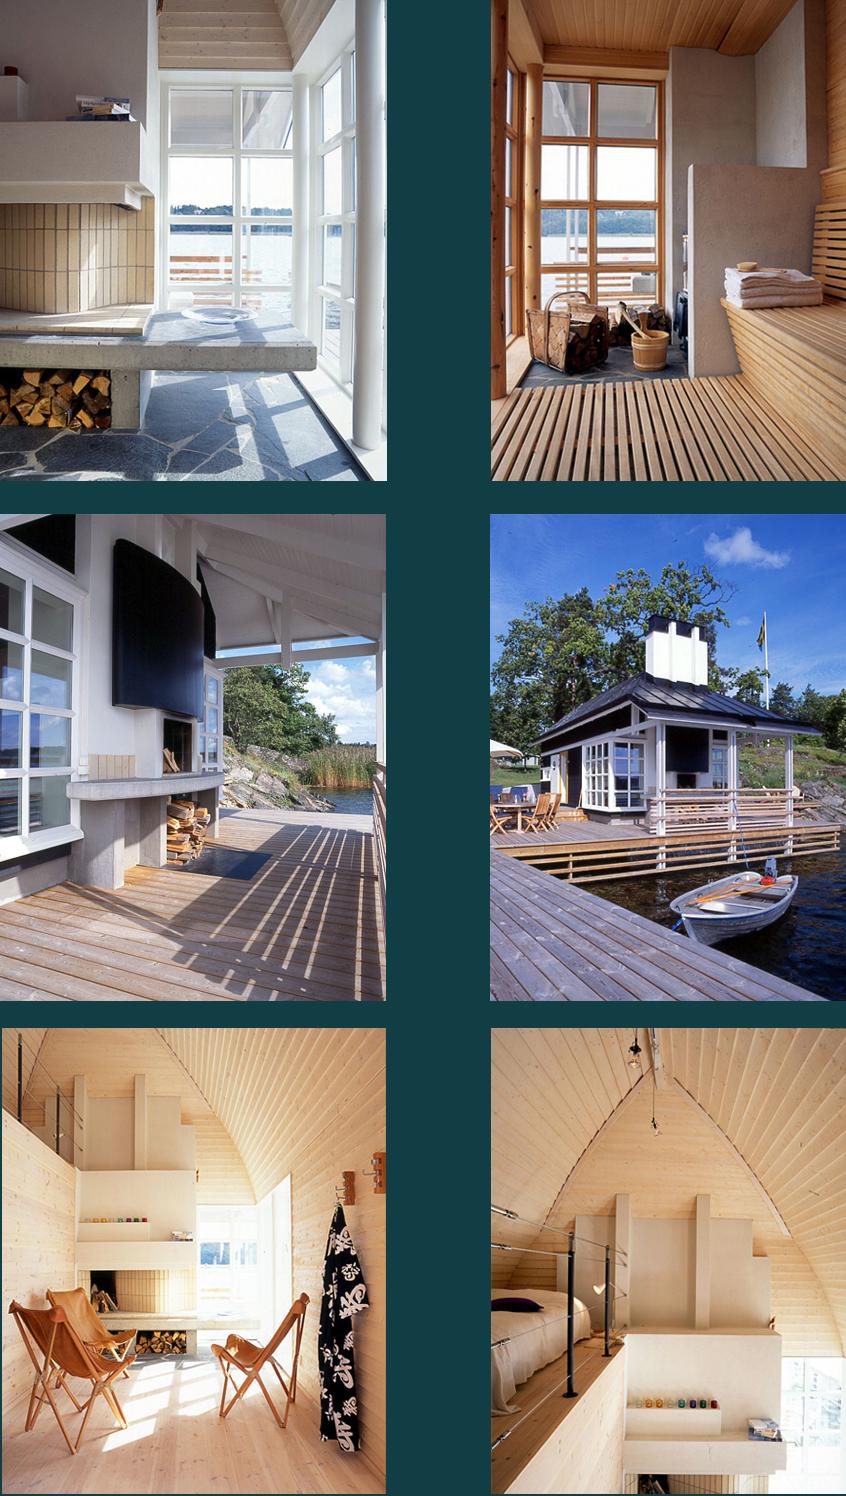 Nybyggnad av en sjöbod där huset är utformat som ett upp- och nedvänt båtskrov, ritad av Rex arkitektbyrå